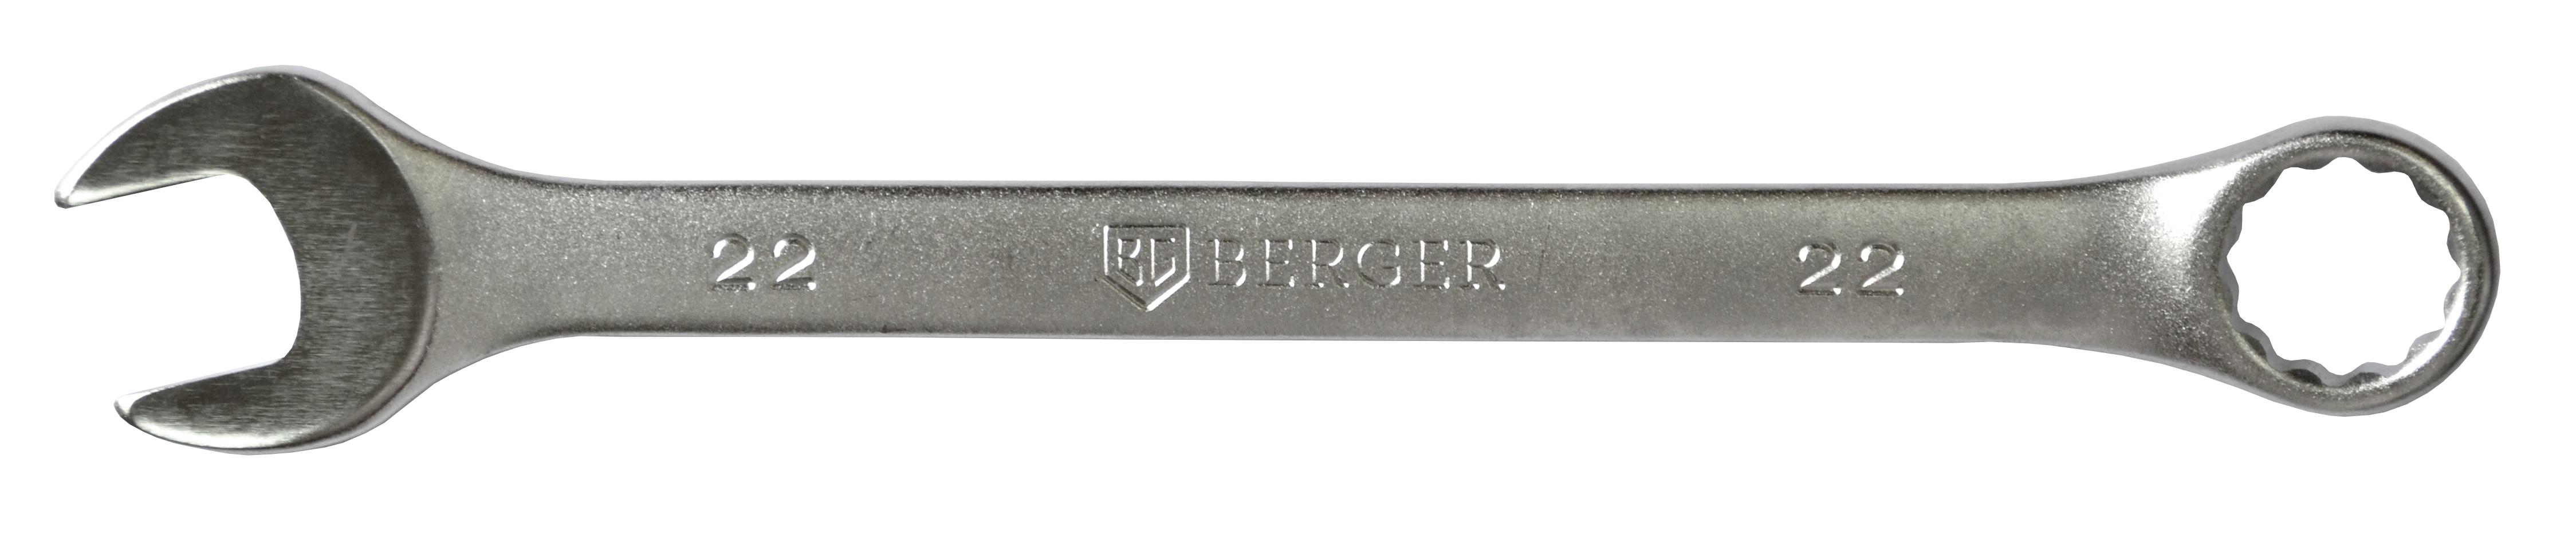 Ключ гаечный Berger Bg1136 (22 мм)